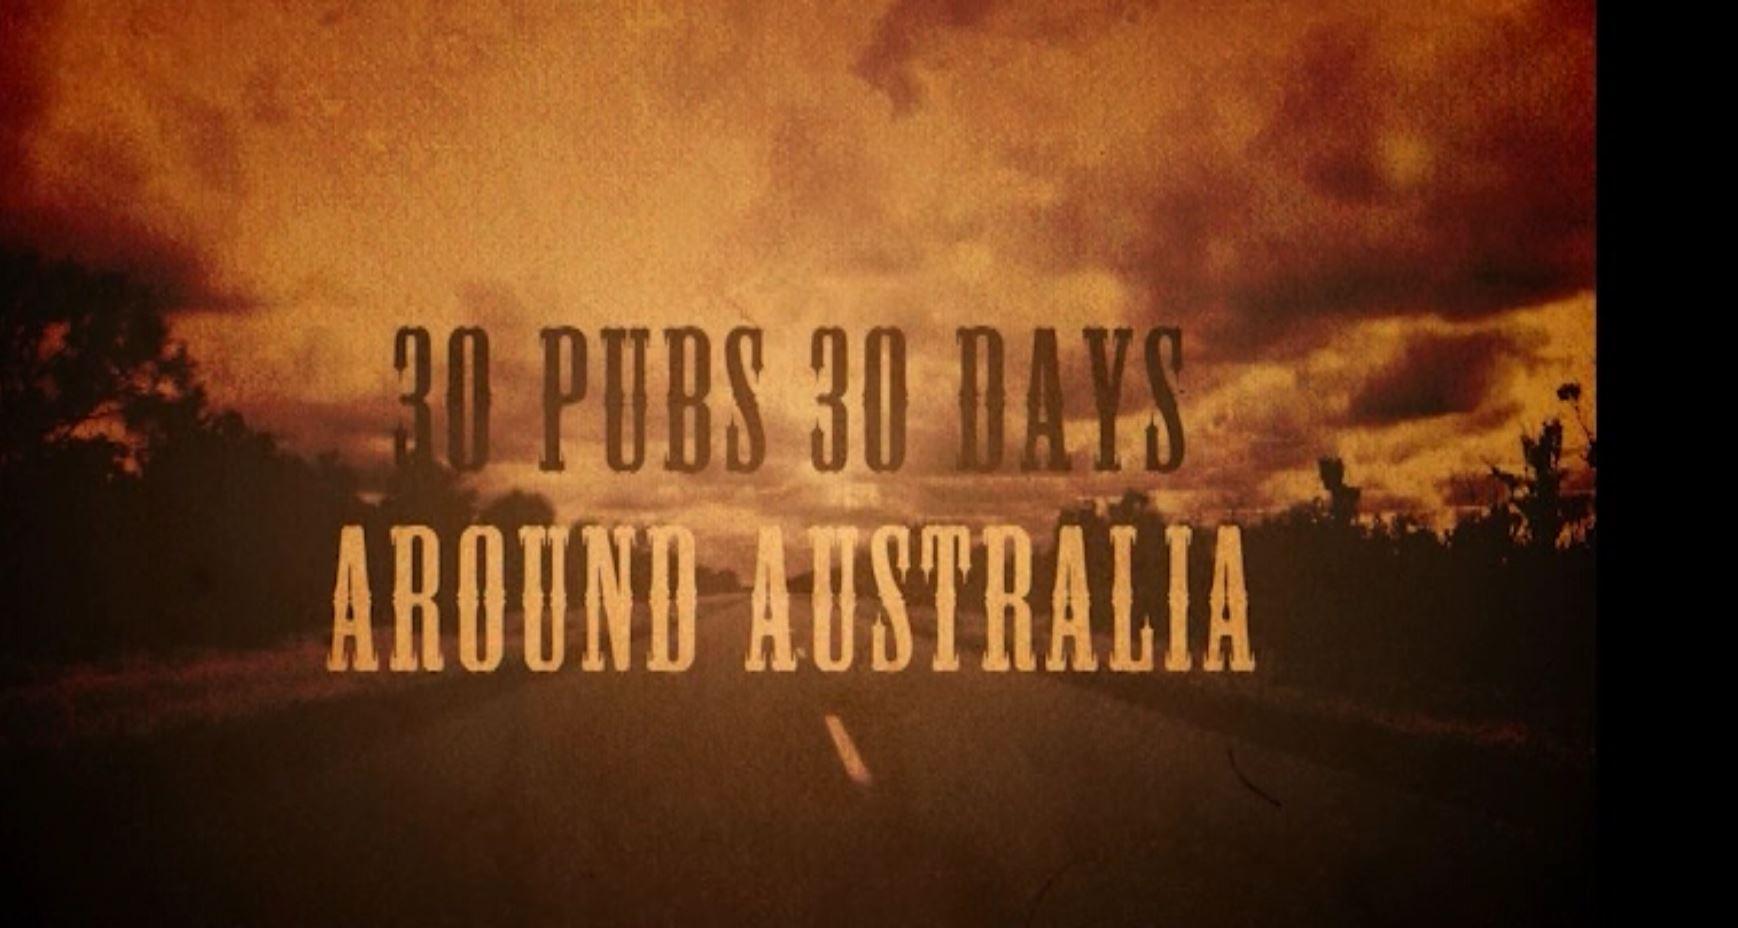 30 Pubs 30 Days Around Australia – Season 1 Episode 4